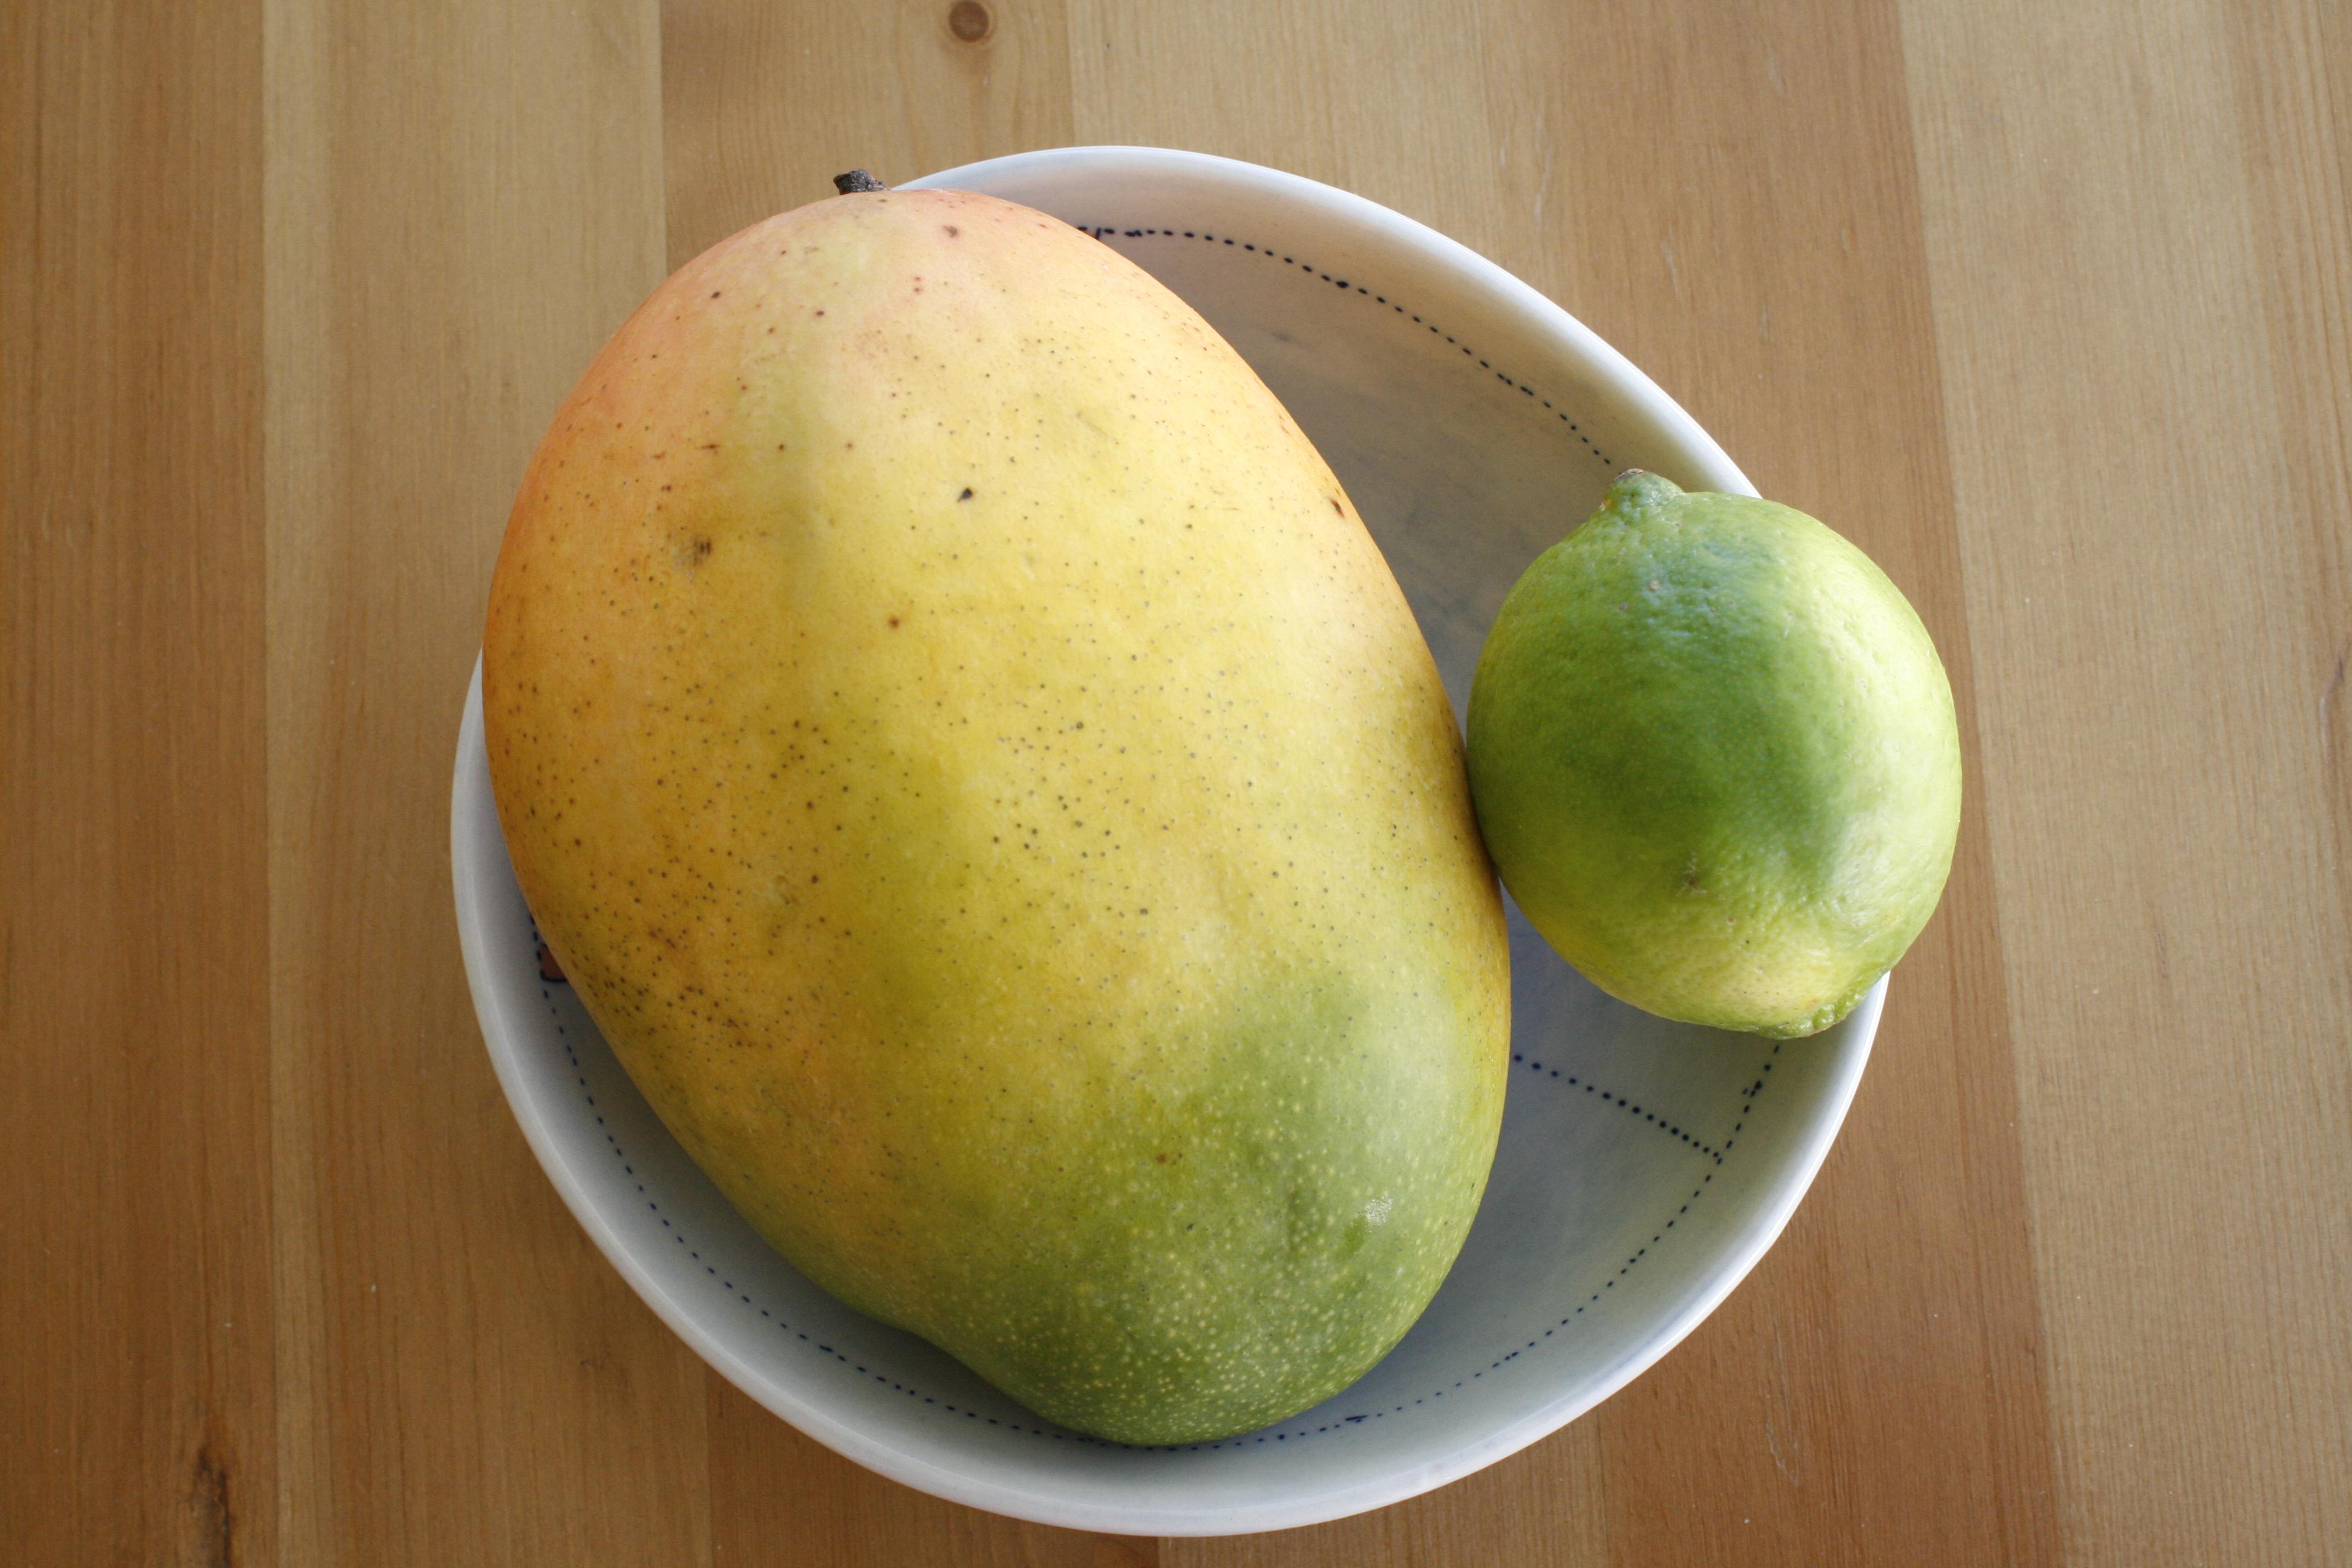 Как сделать манго спелым - wikiHow 61